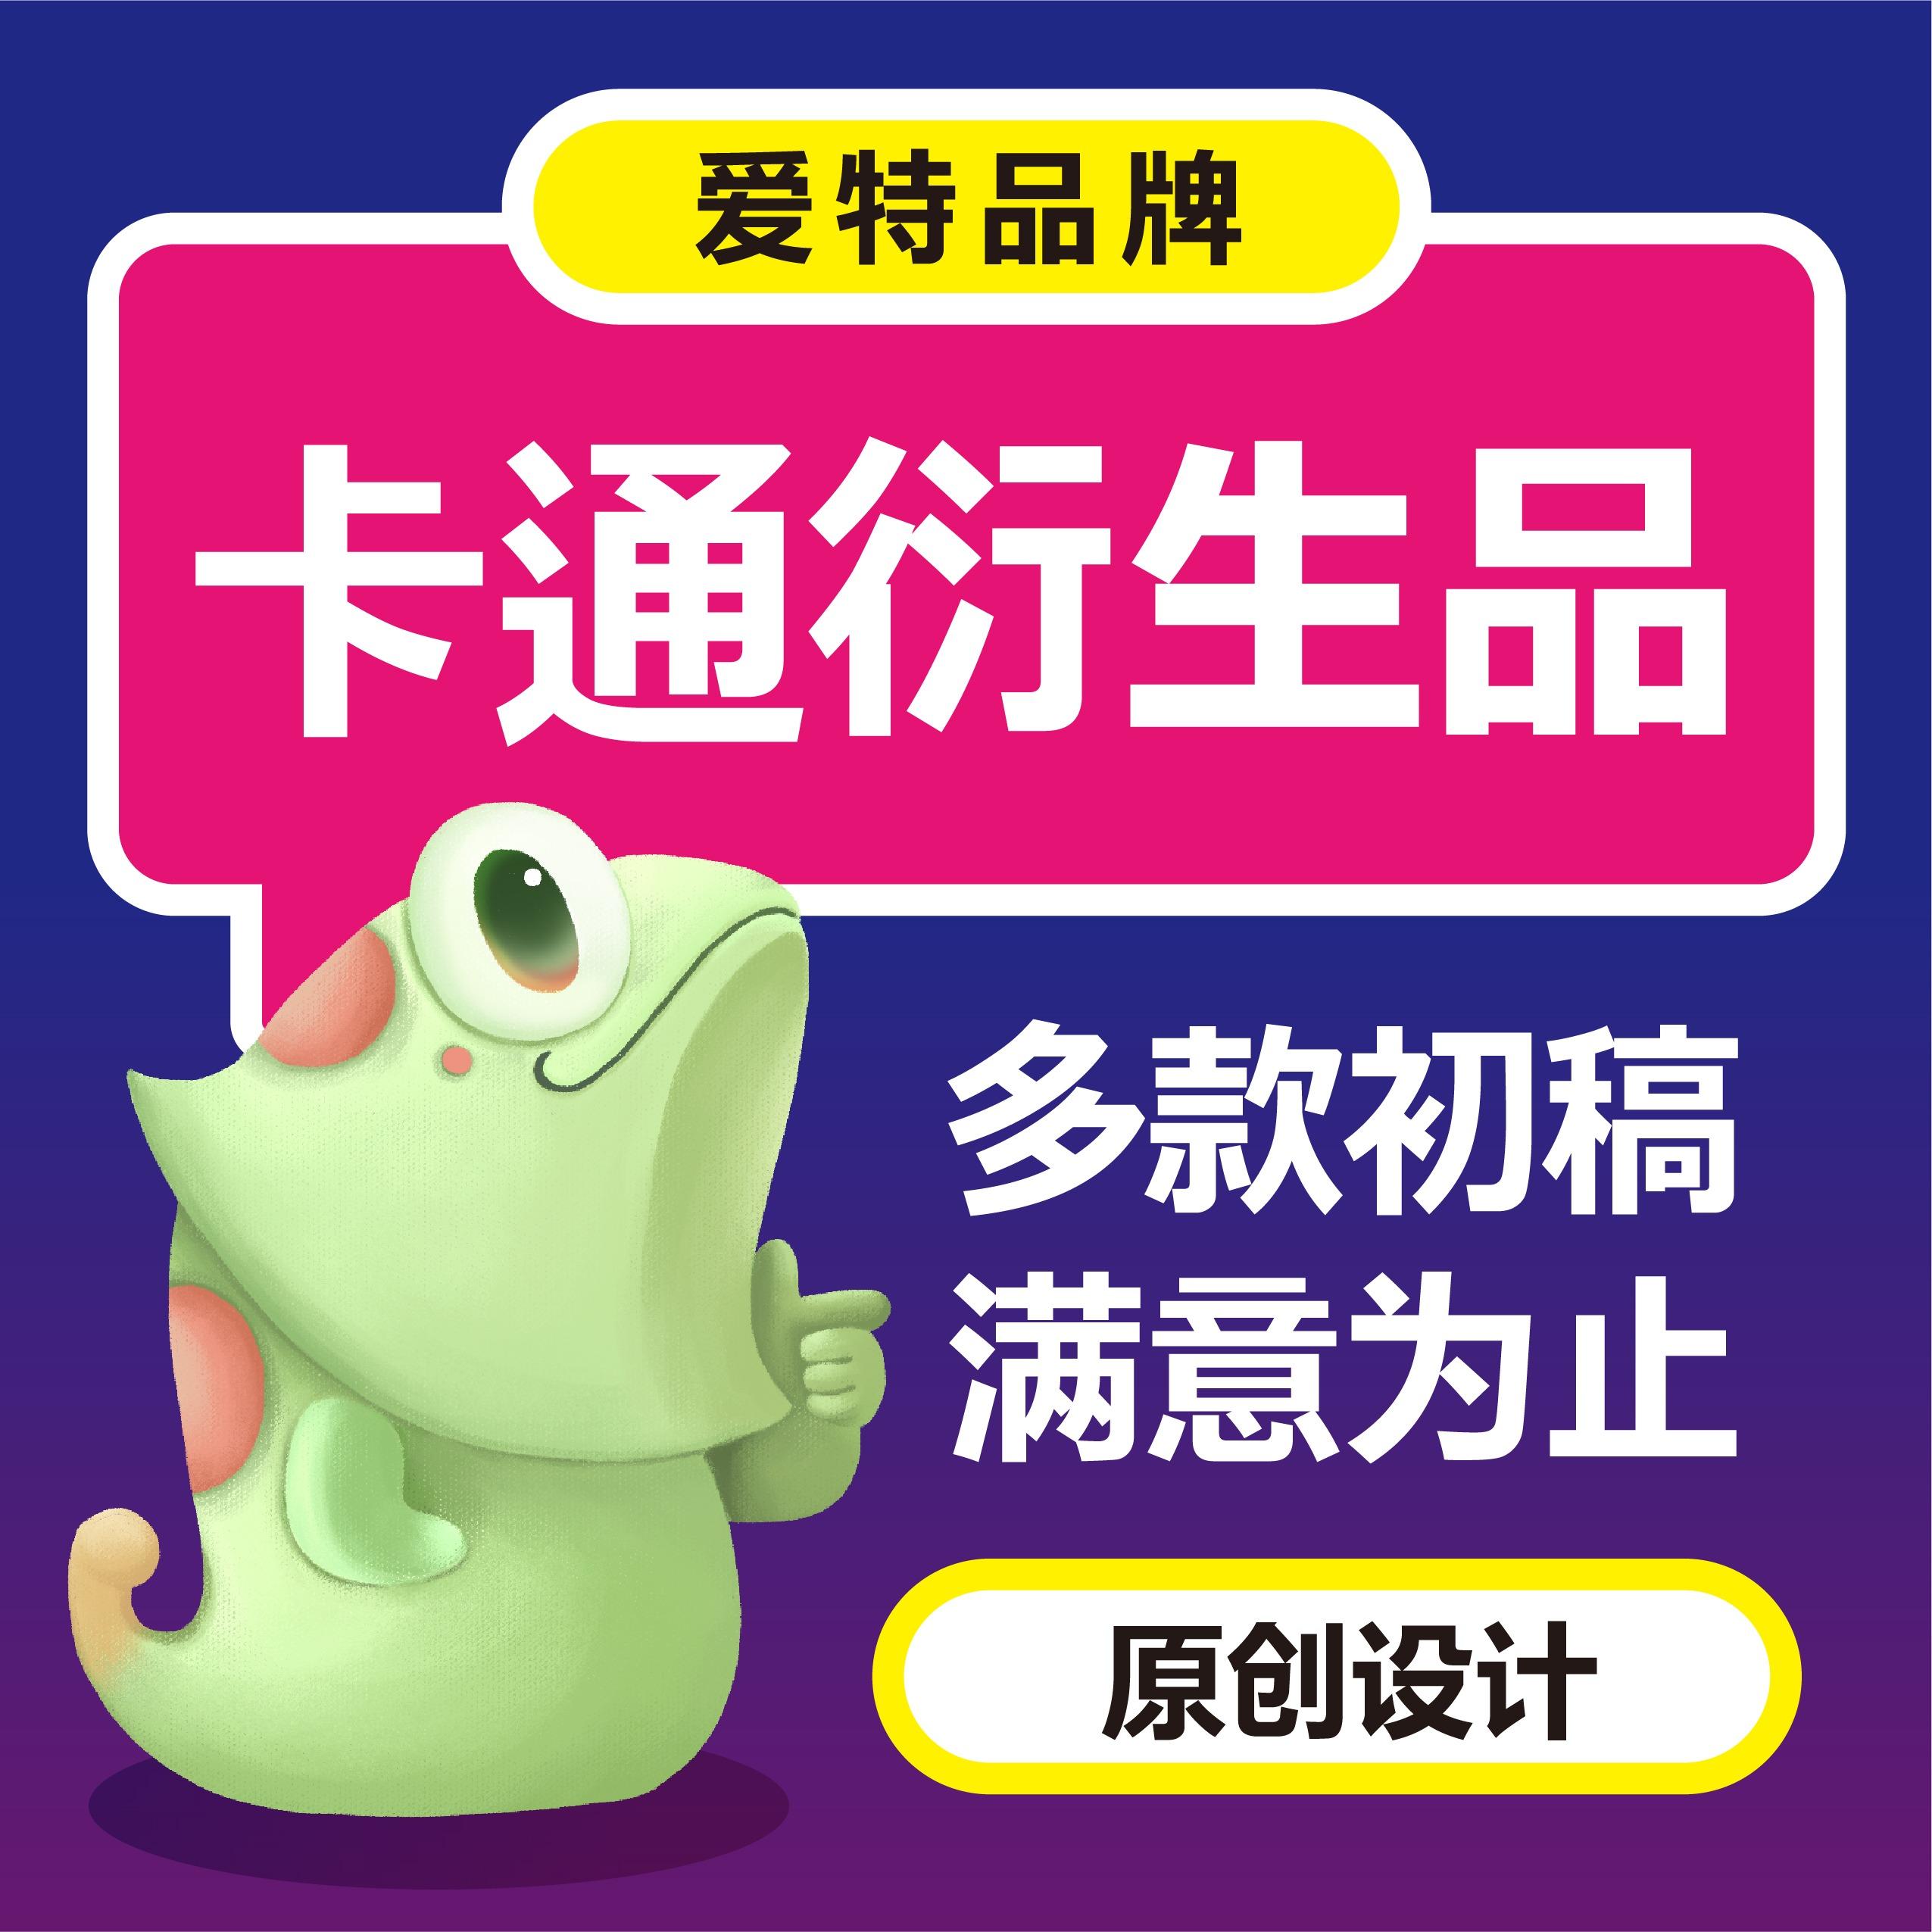 吉祥物设计 卡通 设计logo设计公仔设计公司IP品牌LOGO